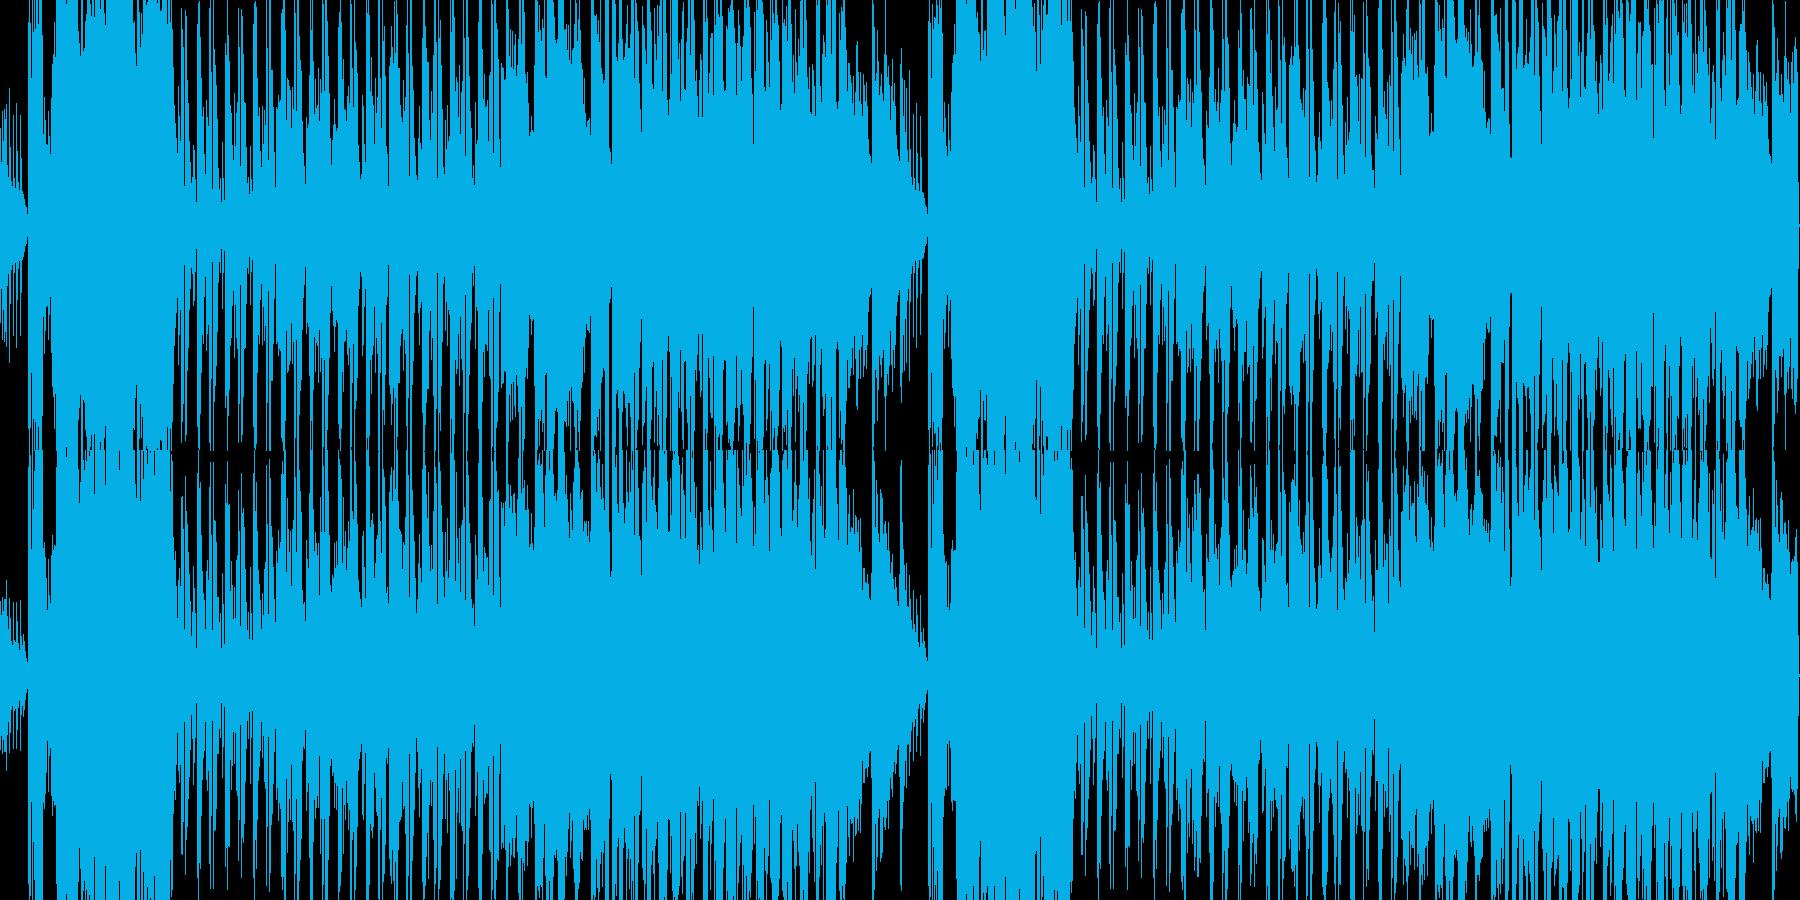 桜春琴和風ポップループBGMオーケストラの再生済みの波形